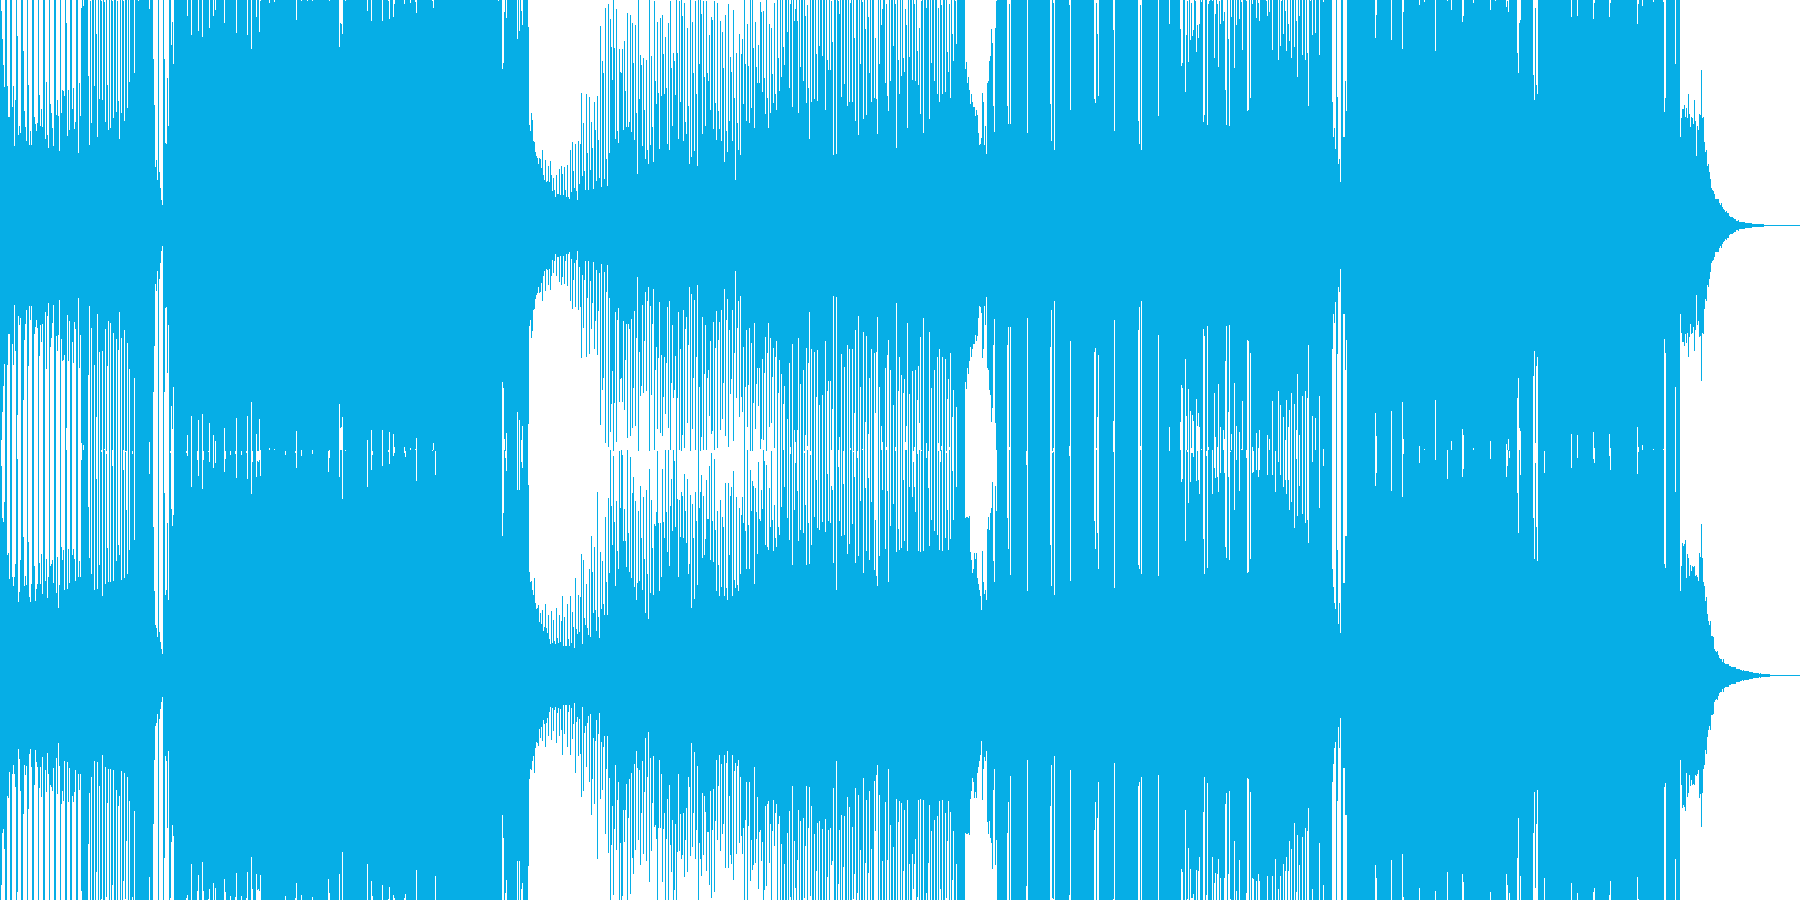 パリピ アゲアゲ ハードスタイル EDMの再生済みの波形